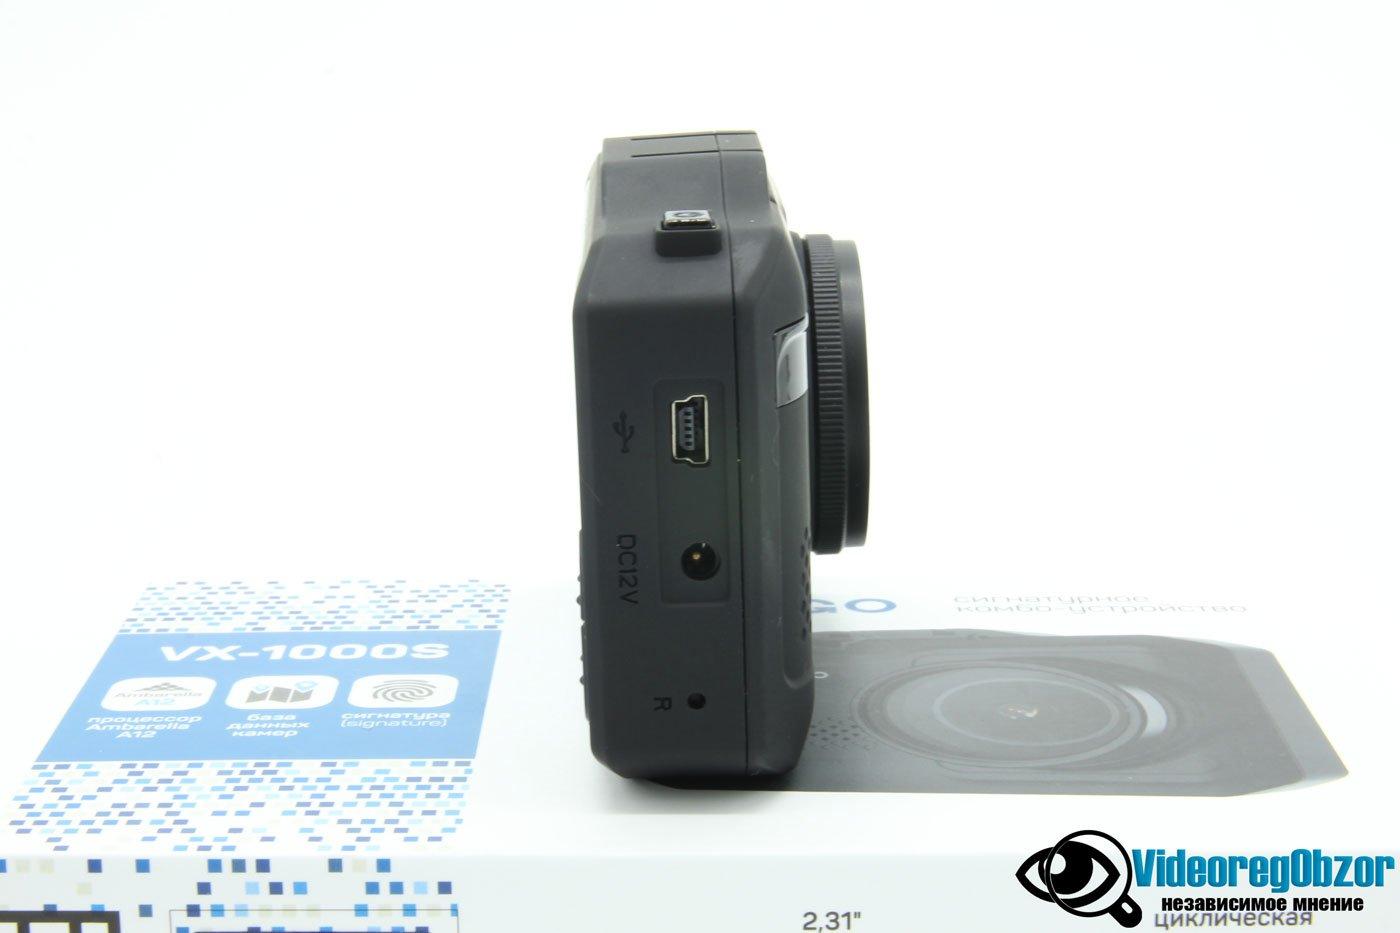 INTEGO VX 1000S 13